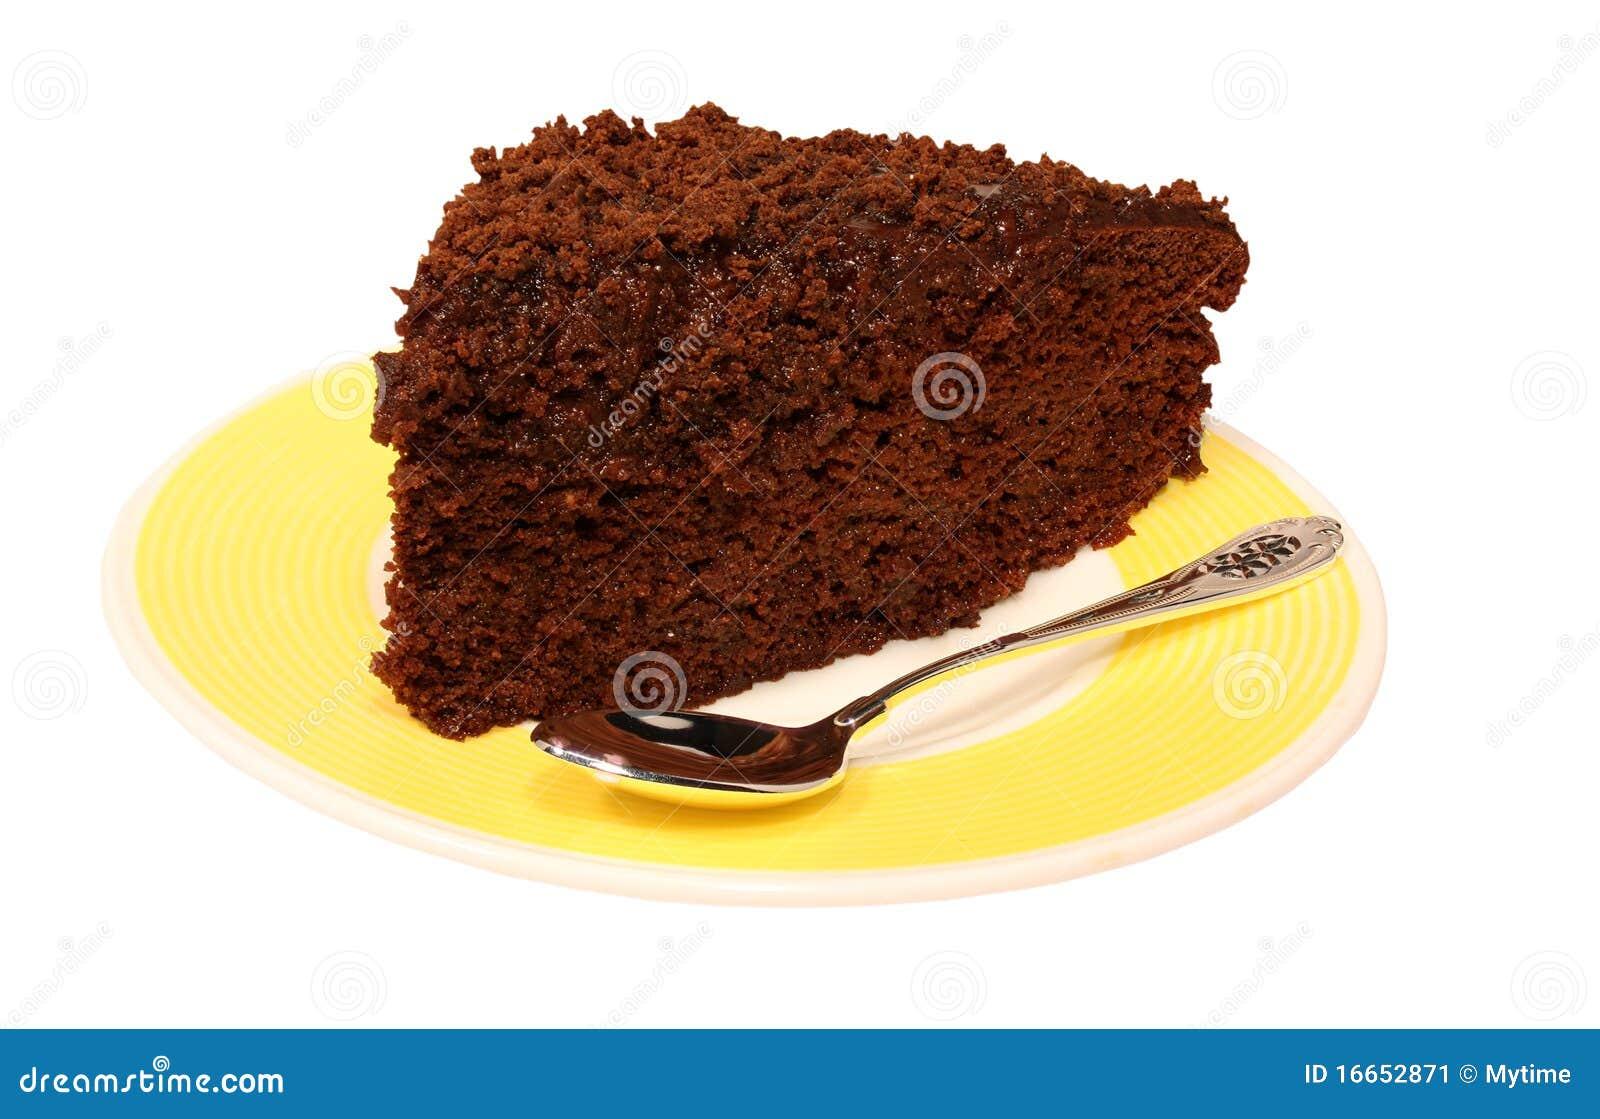 Tasty Chocolate Cake Images : Tasty Chocolate Cake Stock Image - Image: 16652871